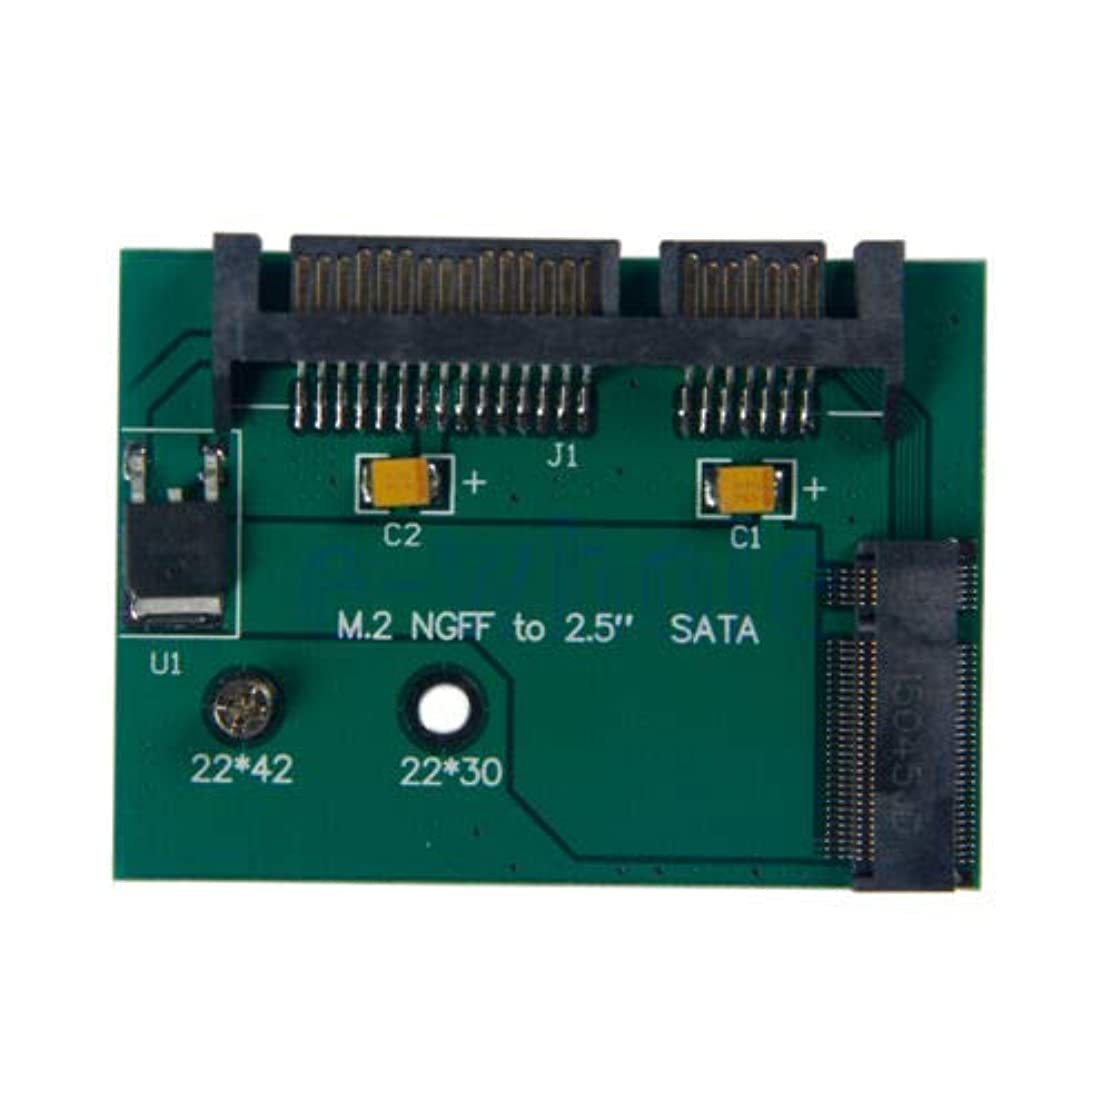 モールス信号入浴上向きFidgetGear B Key M.2 NGFF SSD Solid State Drive To 7+15 pin 2.5'' SATA Card Adapter TW